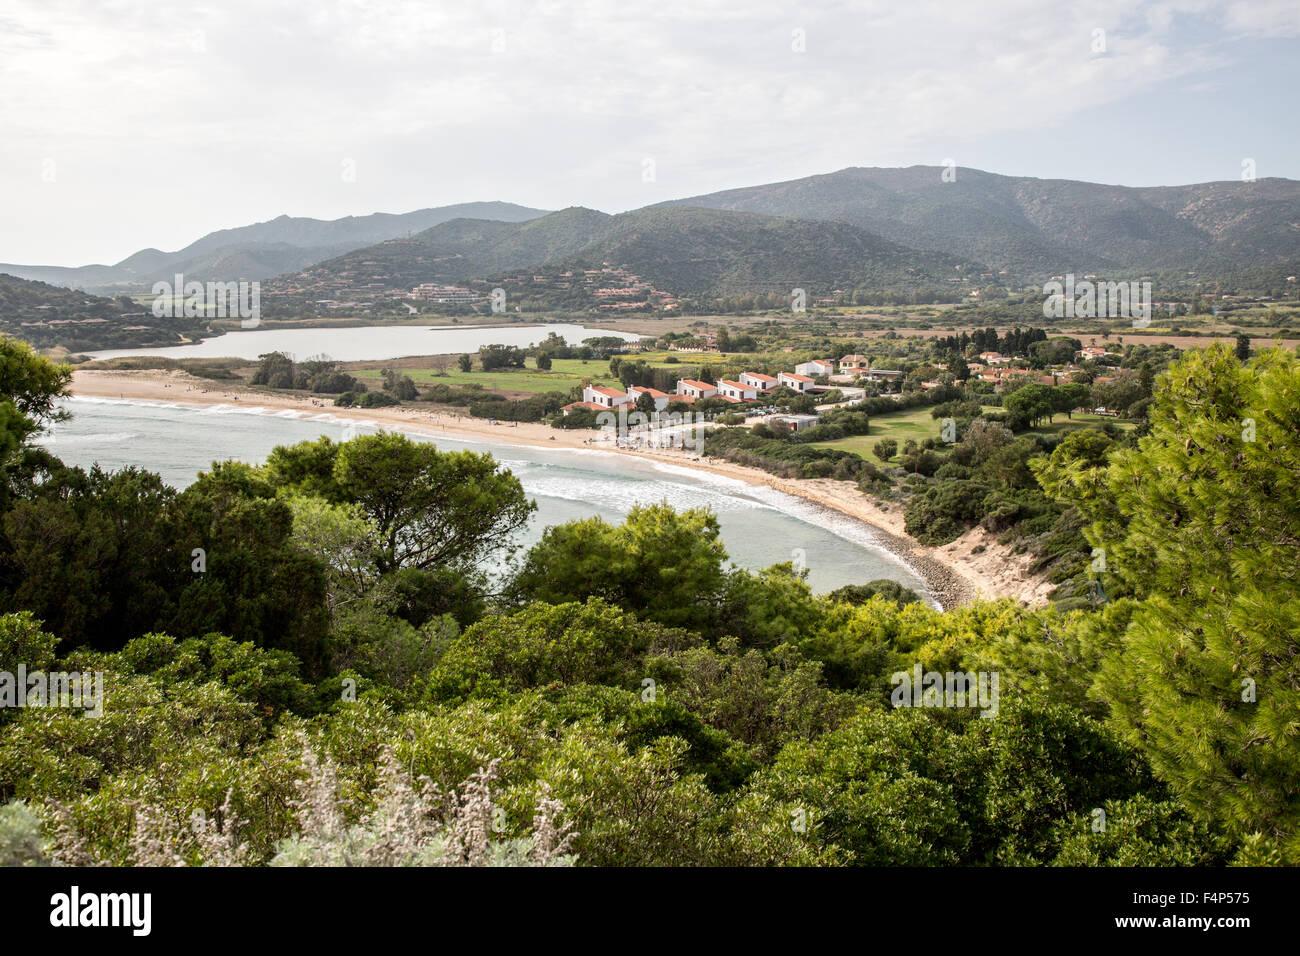 Setti Bellas Beach Sardinia Italy - Stock Image